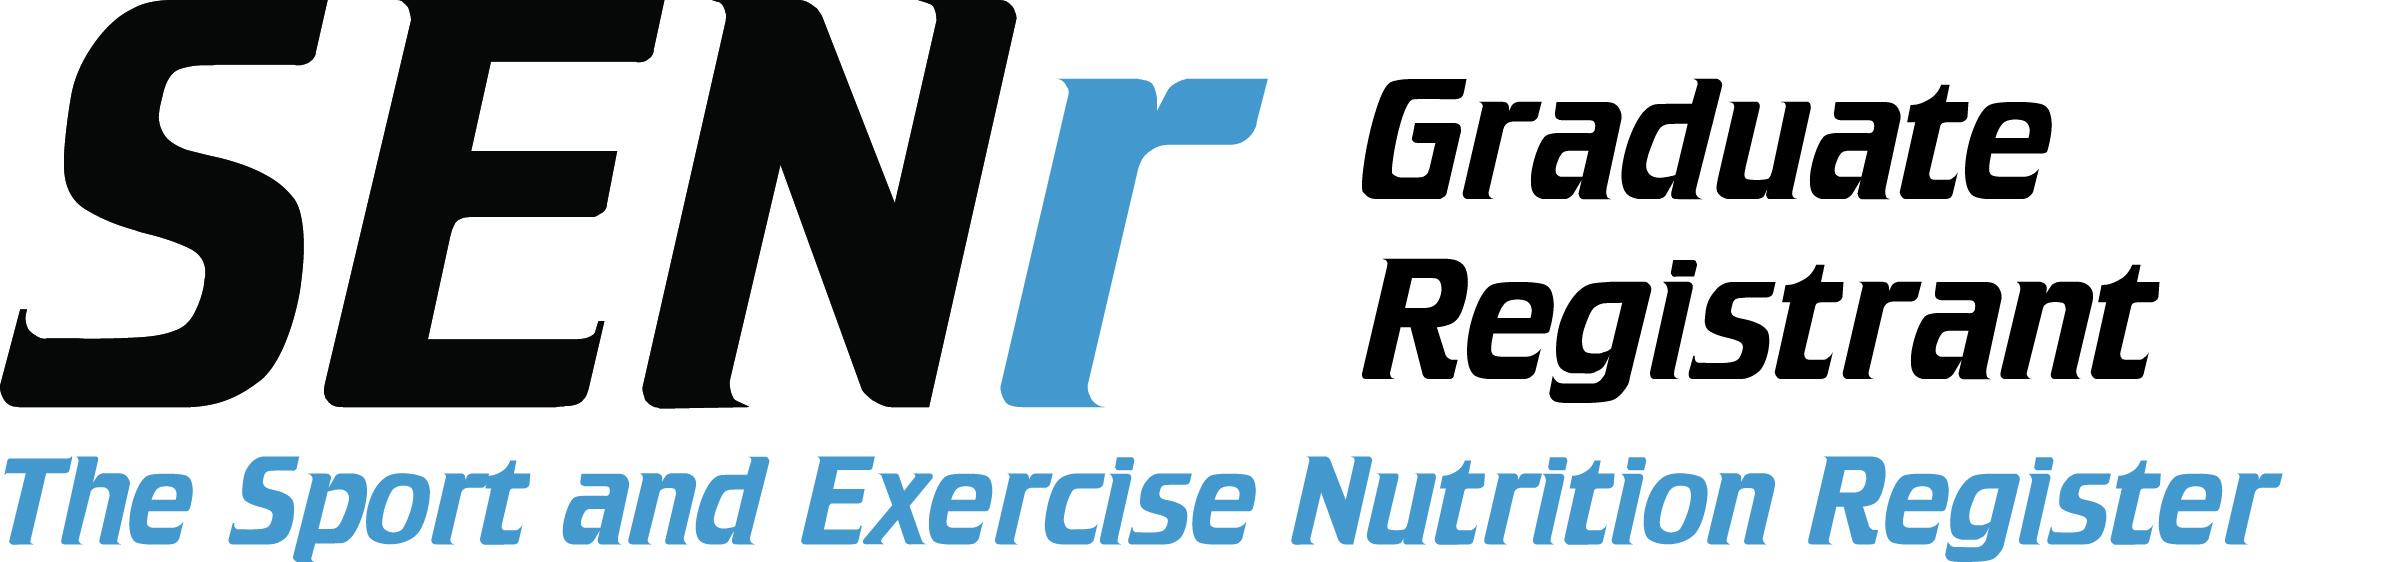 SENr Graduate Logo.jpg